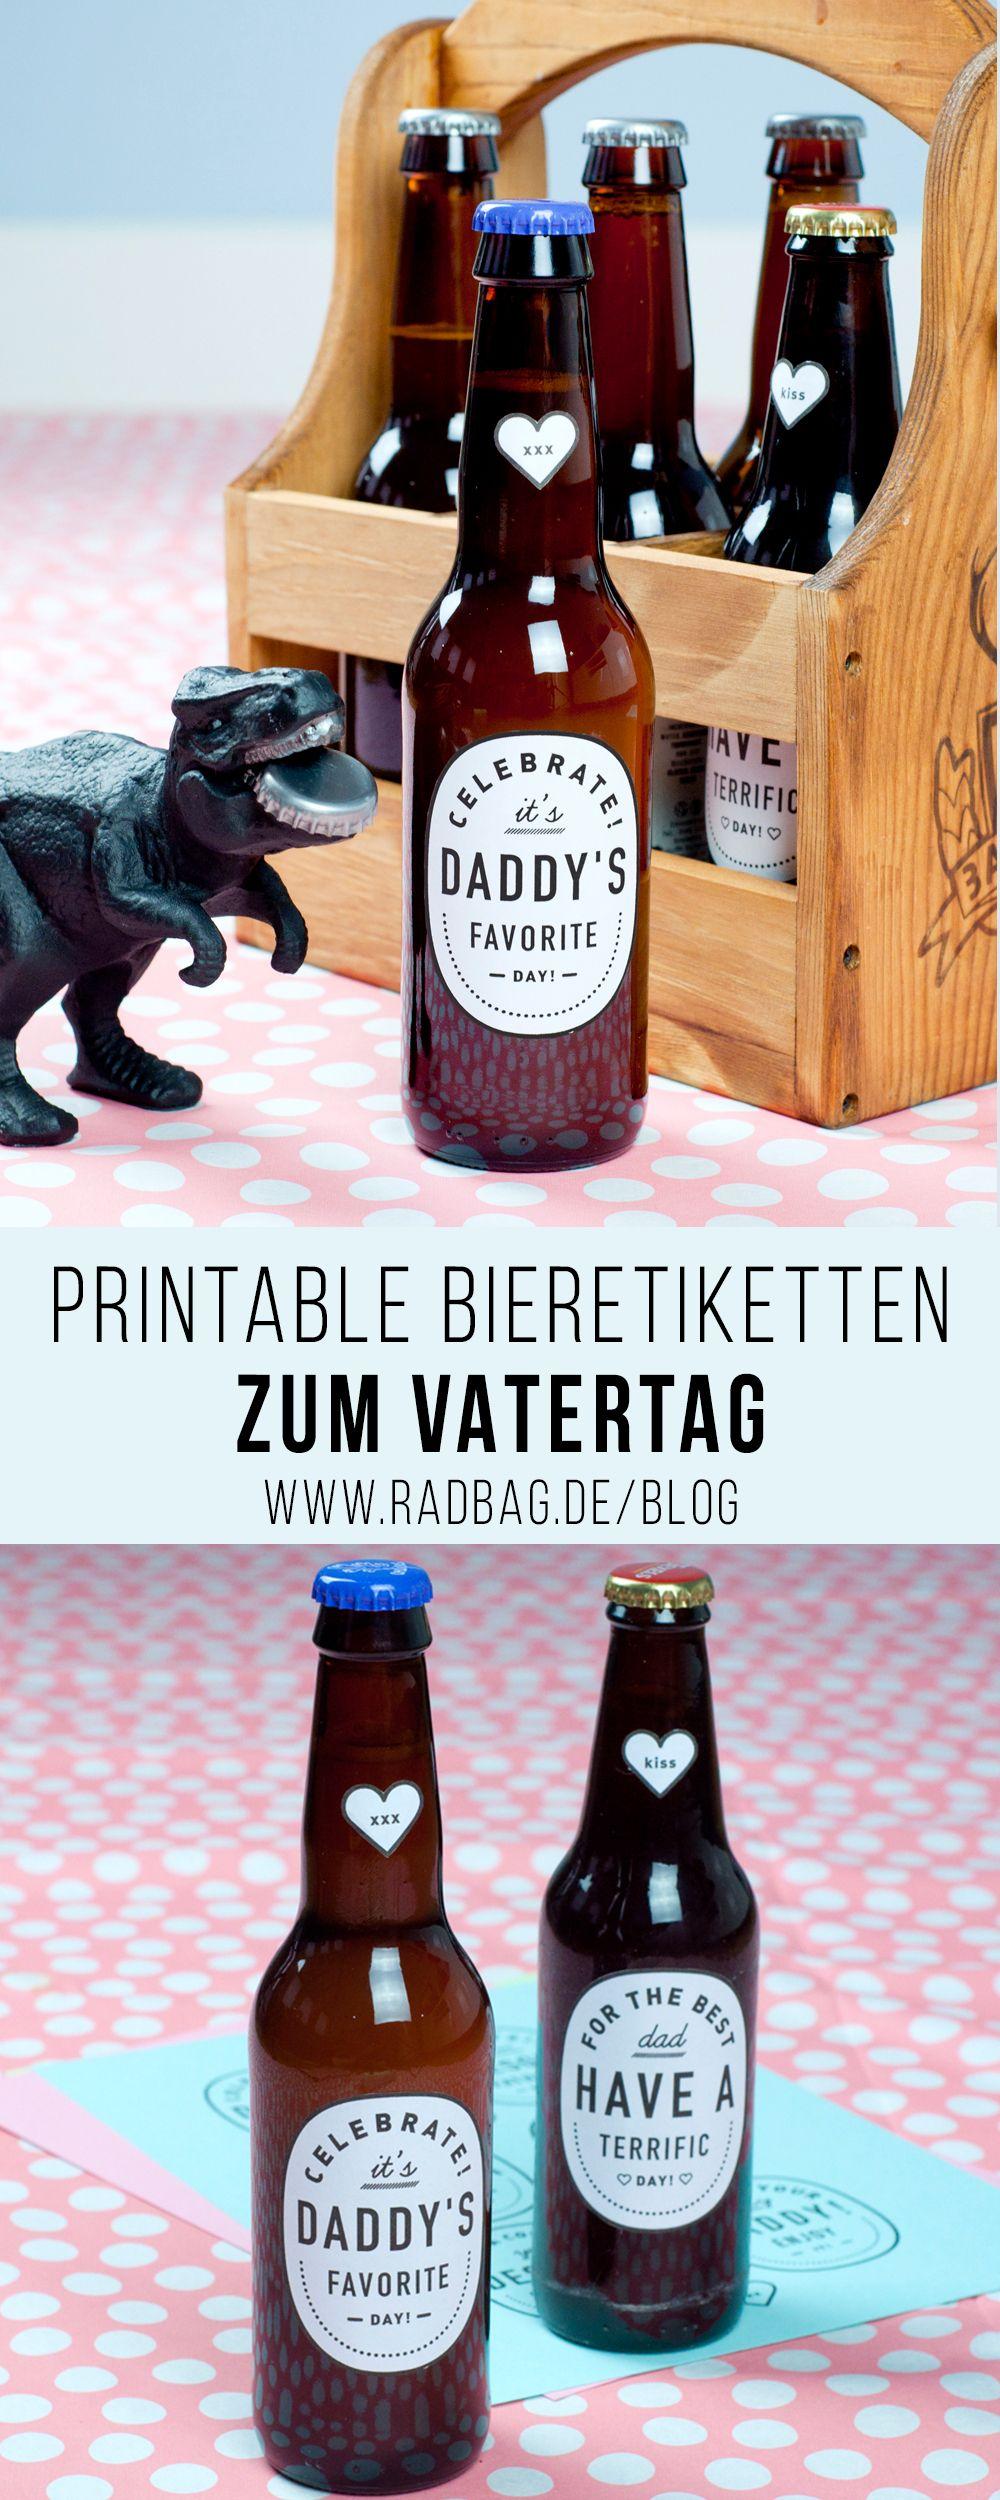 Printable Bieretiketten als cooles Vatertag Geschenk